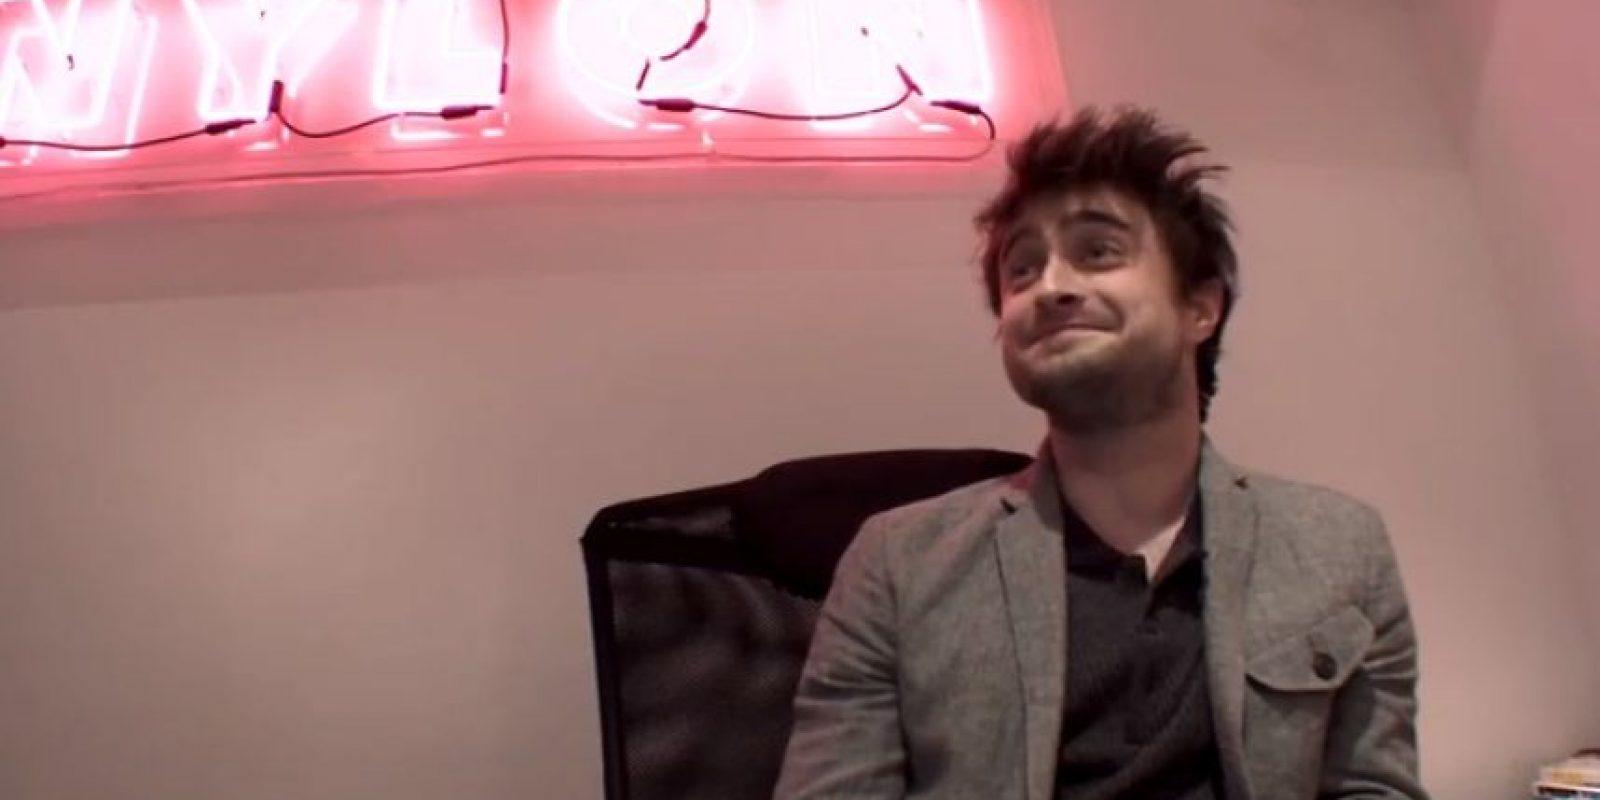 Daniel Radcliffe le jugó una broma a los empleados de la editorial Nylon. Foto:YouTube/NYLON Magazine